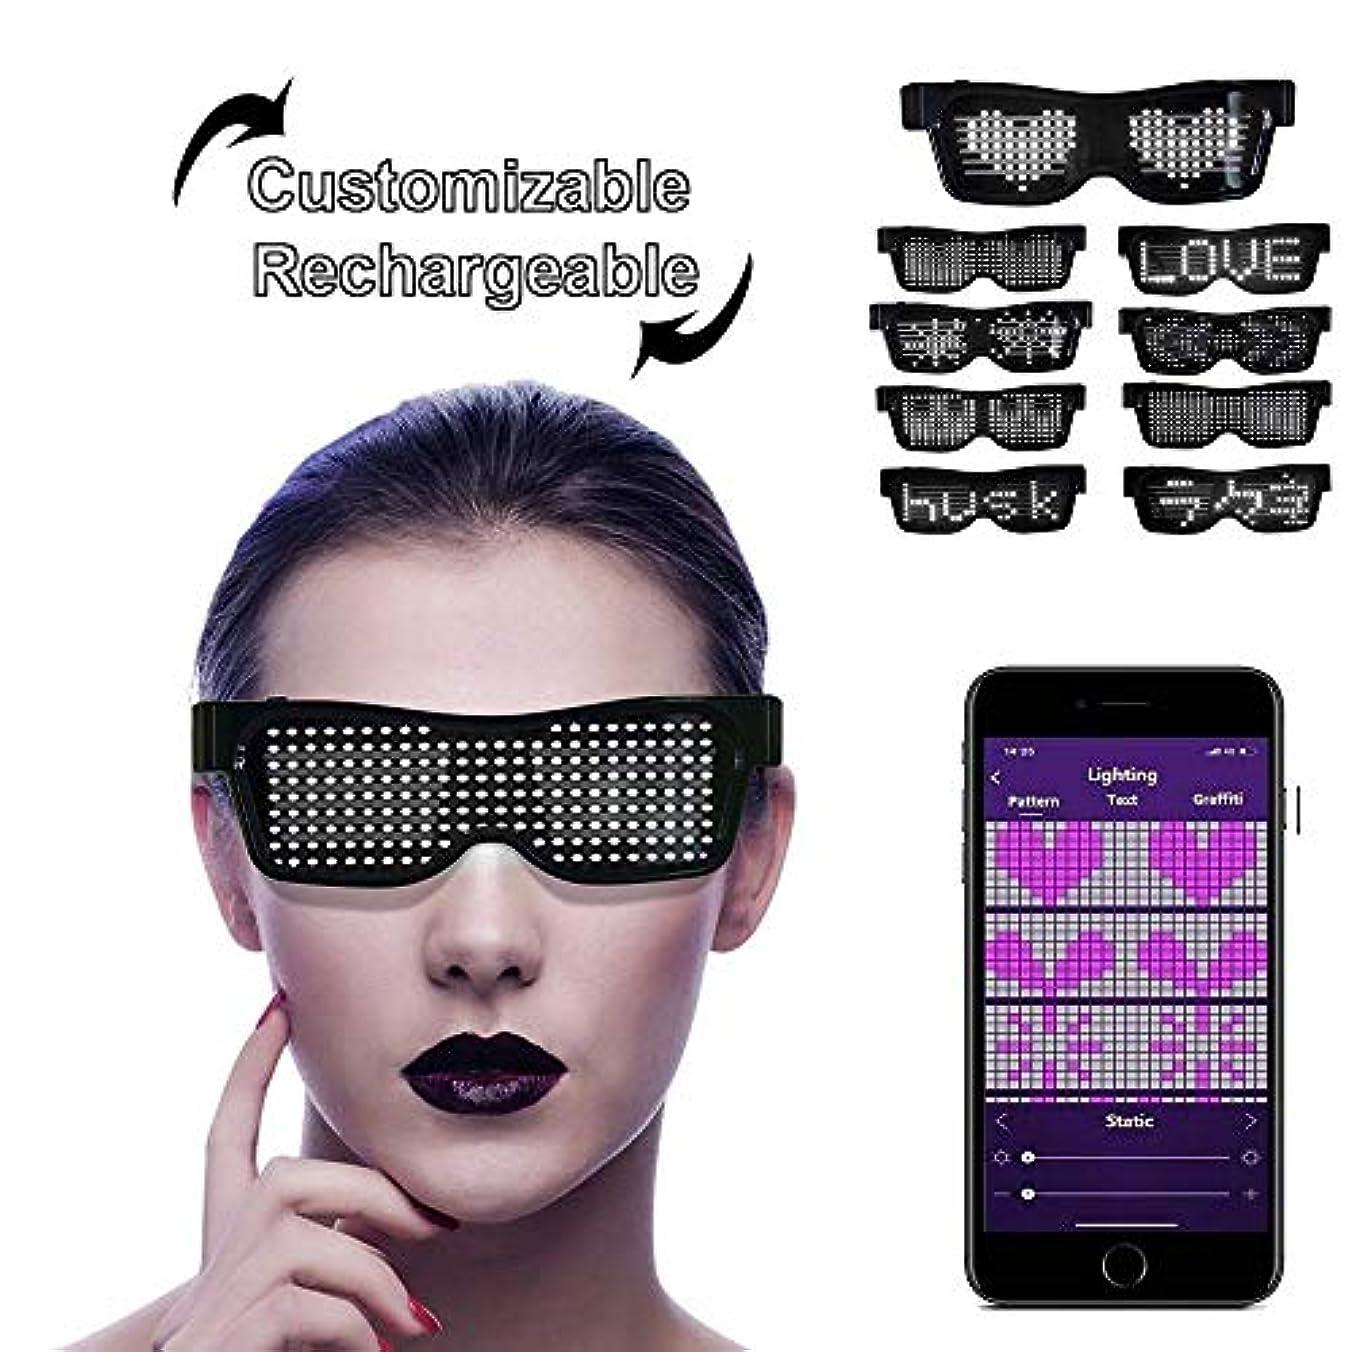 苦い不道徳悪名高いLEDサングラス, LEDメガネ ブルートゥースLEDパーティーメガネカスタマイズ可能なLEDメガネUSB充電式9モードワイヤレス点滅LEDディスプレイ、フェスティバル用グロー眼鏡レイヴパーティー